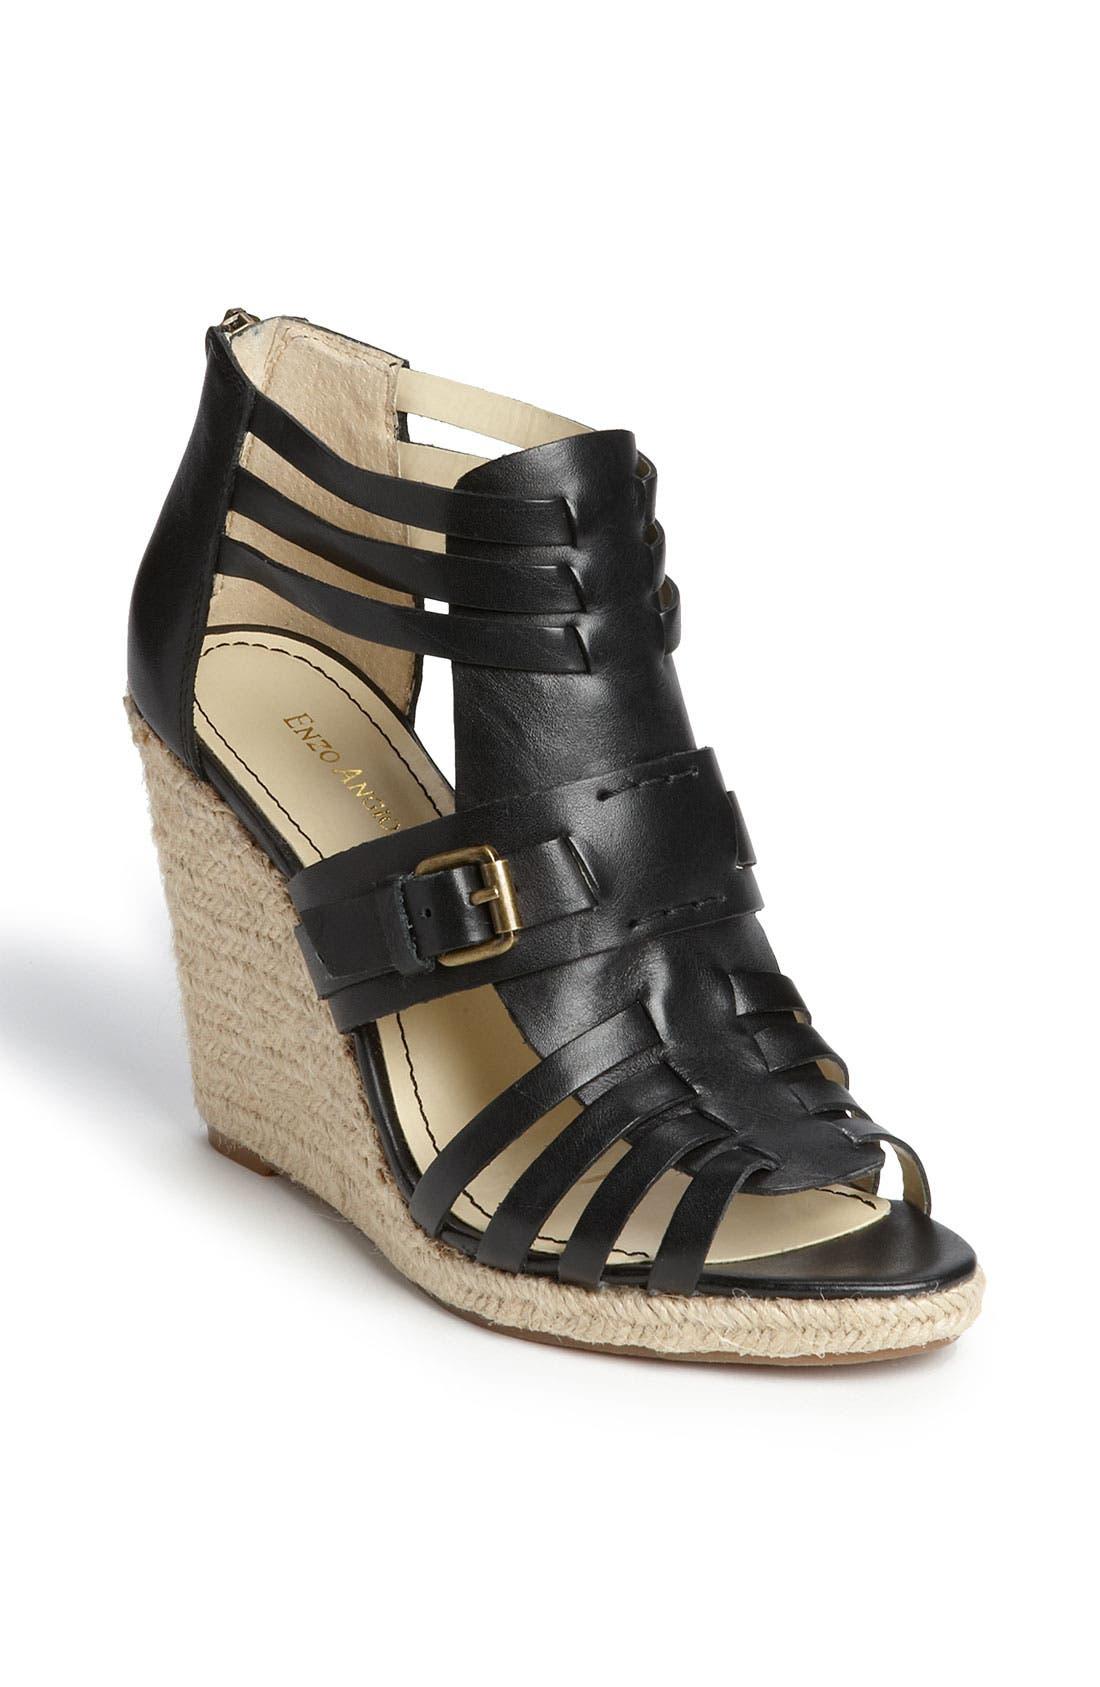 Main Image - Enzo Angiolini 'Imayra' Sandal